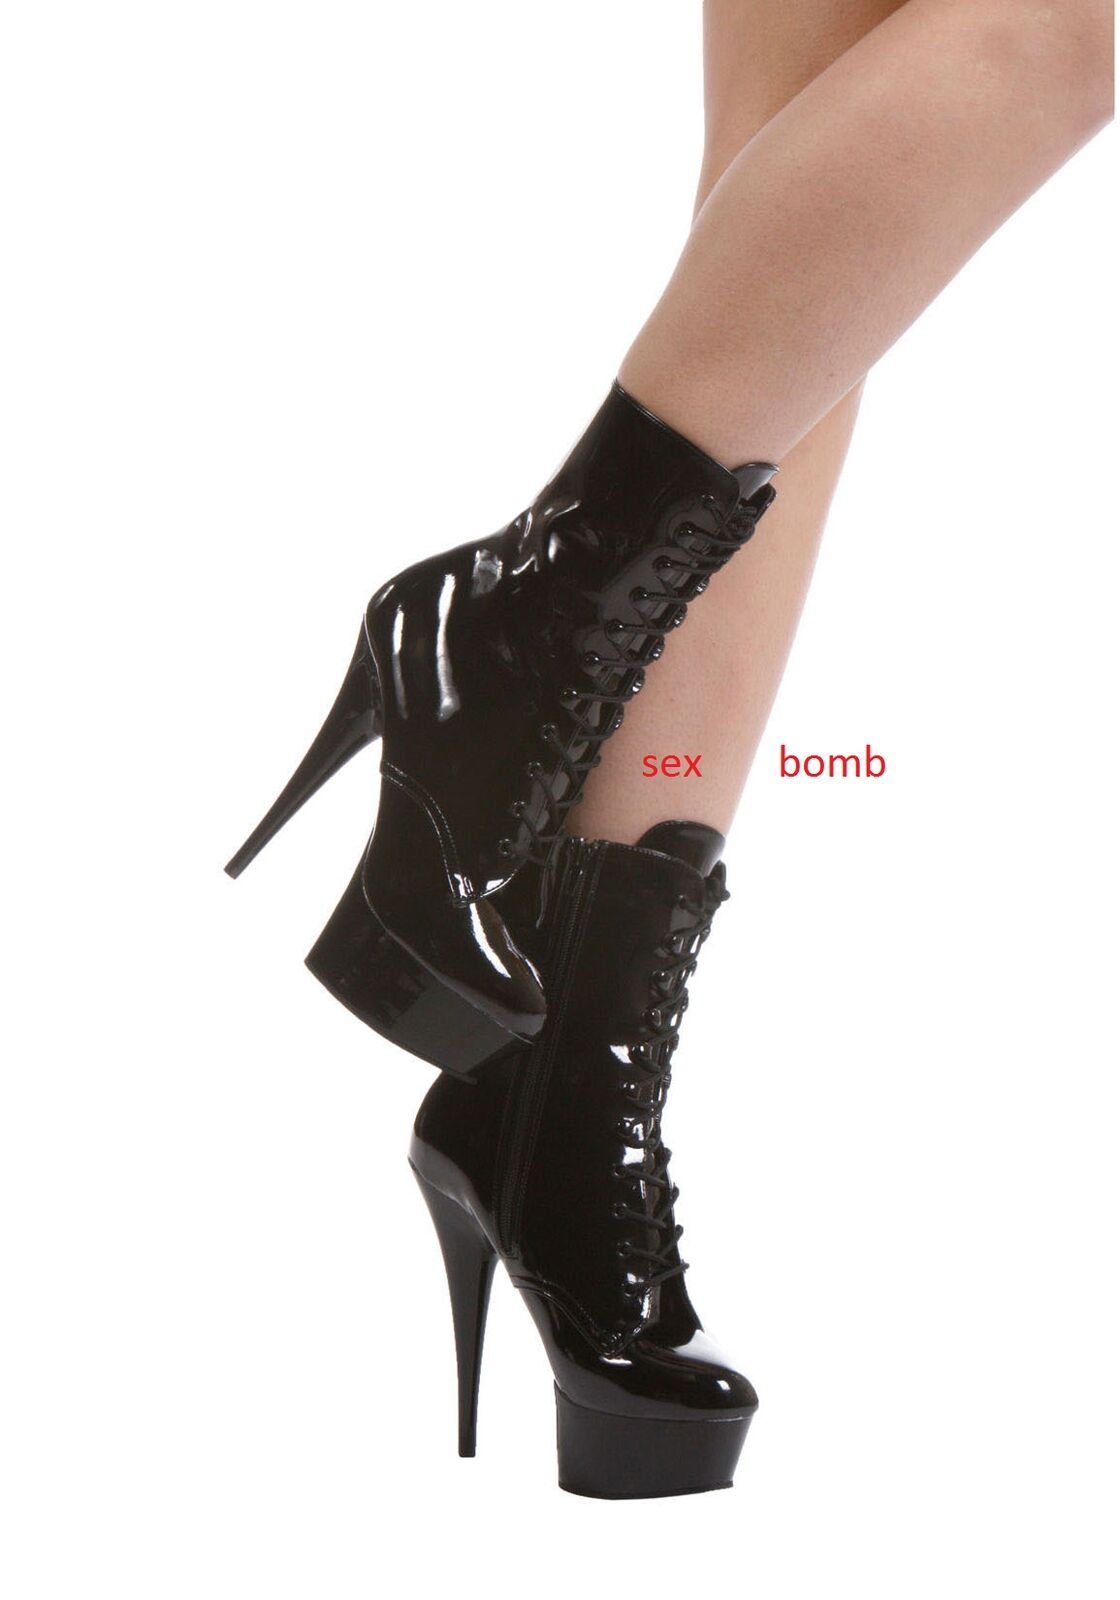 SEXY stivali STIVALETTI nero LUCIDO plateau TACCO 15 dal 36 a 44 fashion GLAMOUR